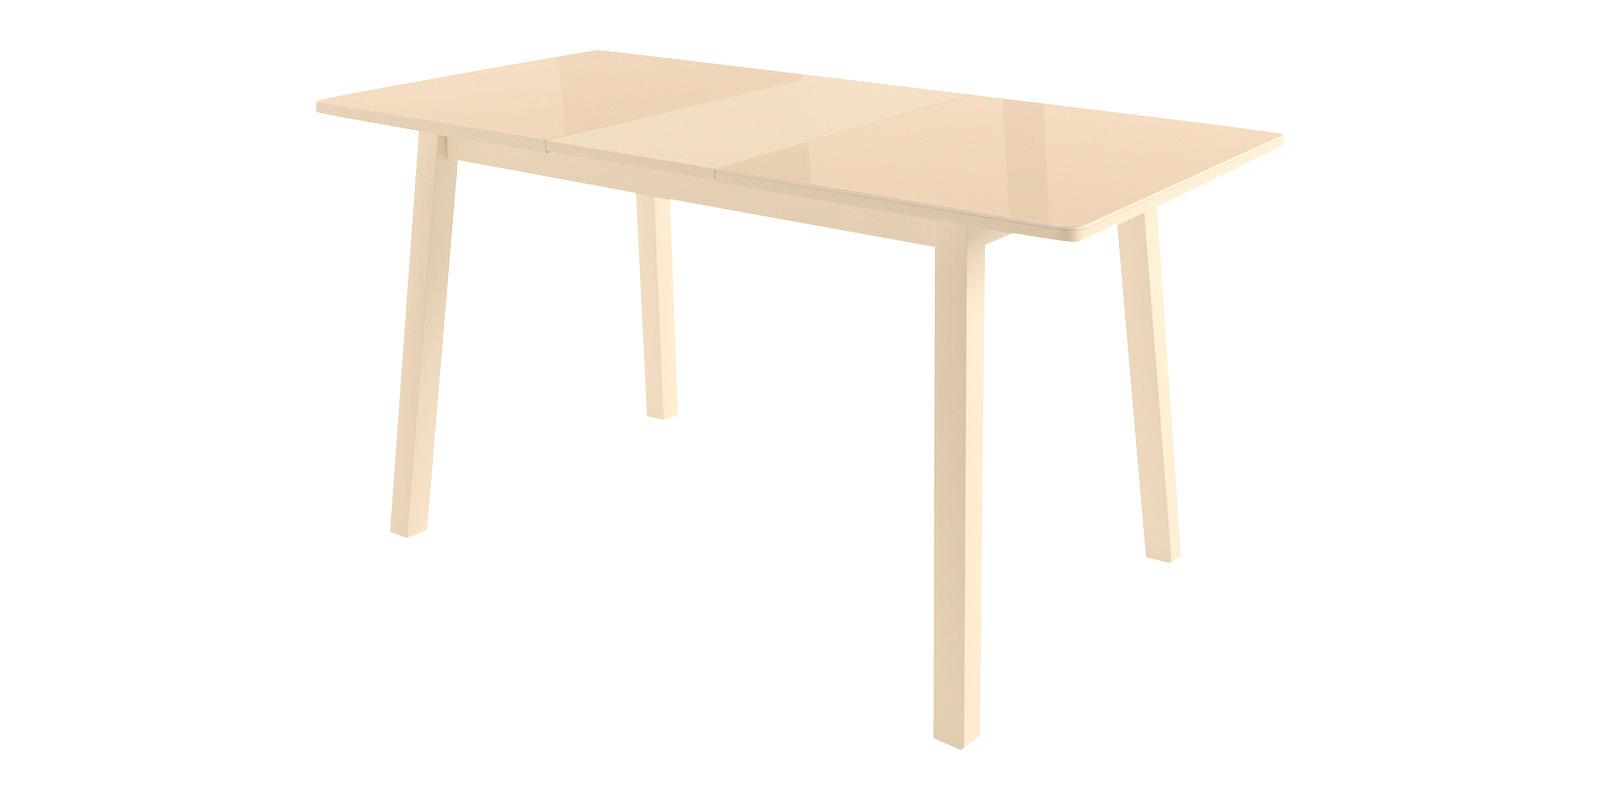 Обеденный стол Тирк 2 (кремовый)